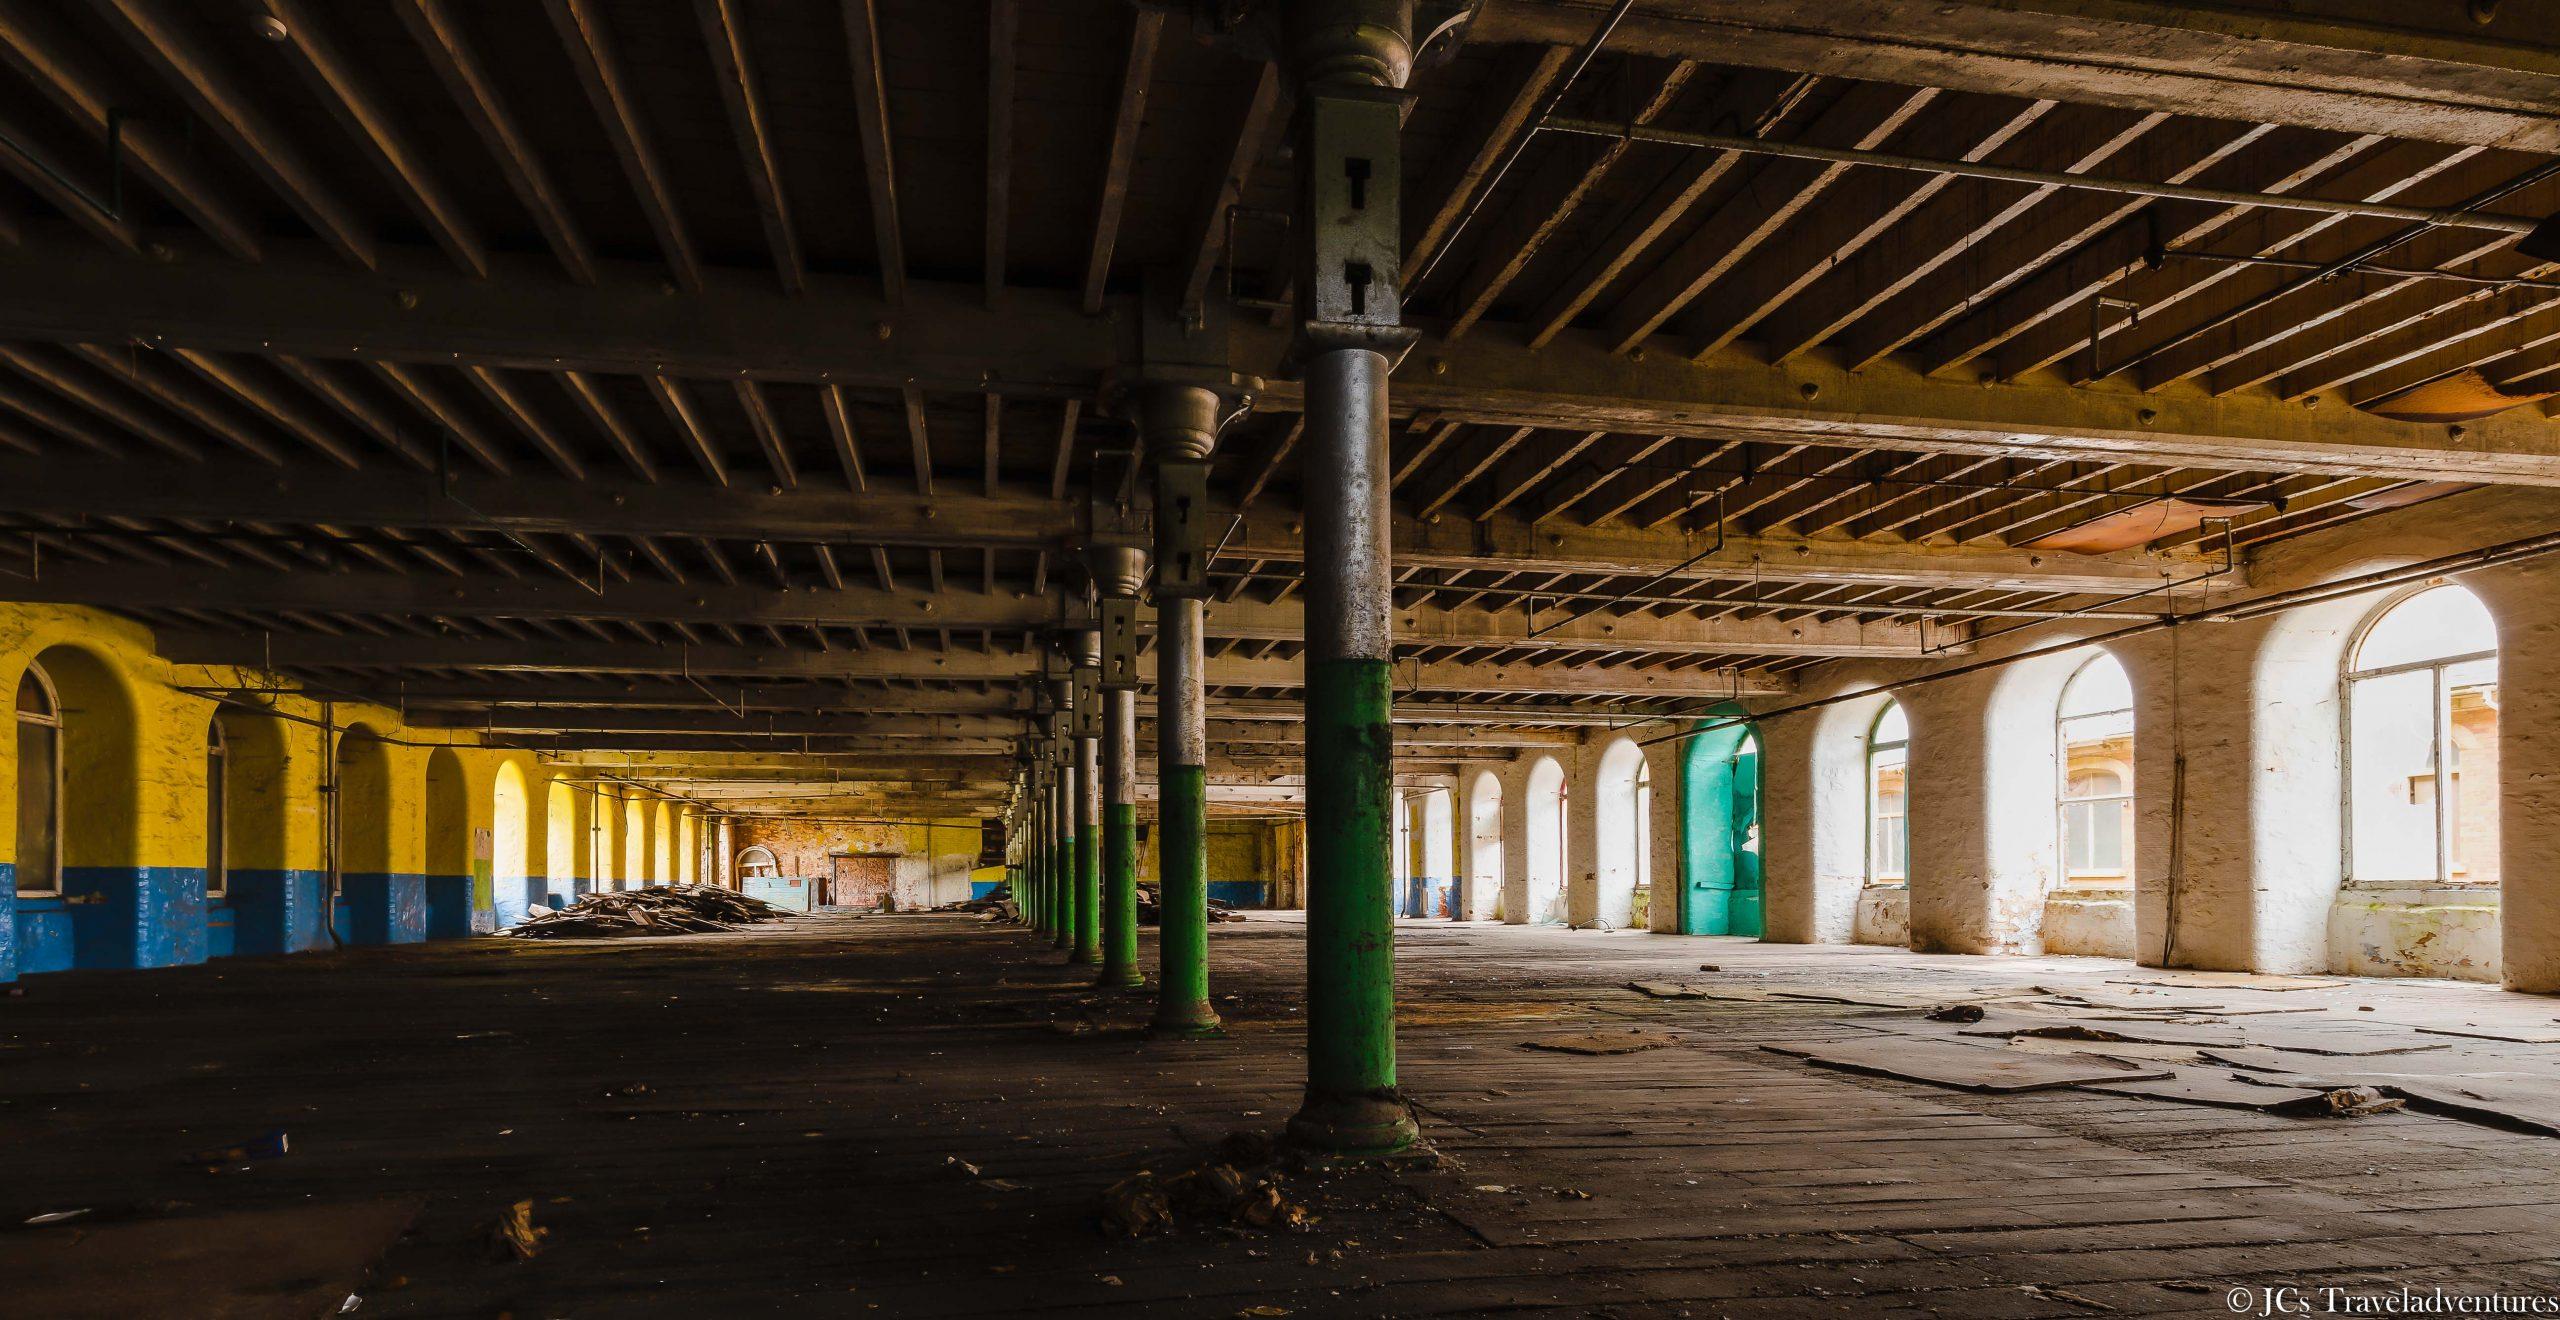 Tonedale Mill: Upper Floor